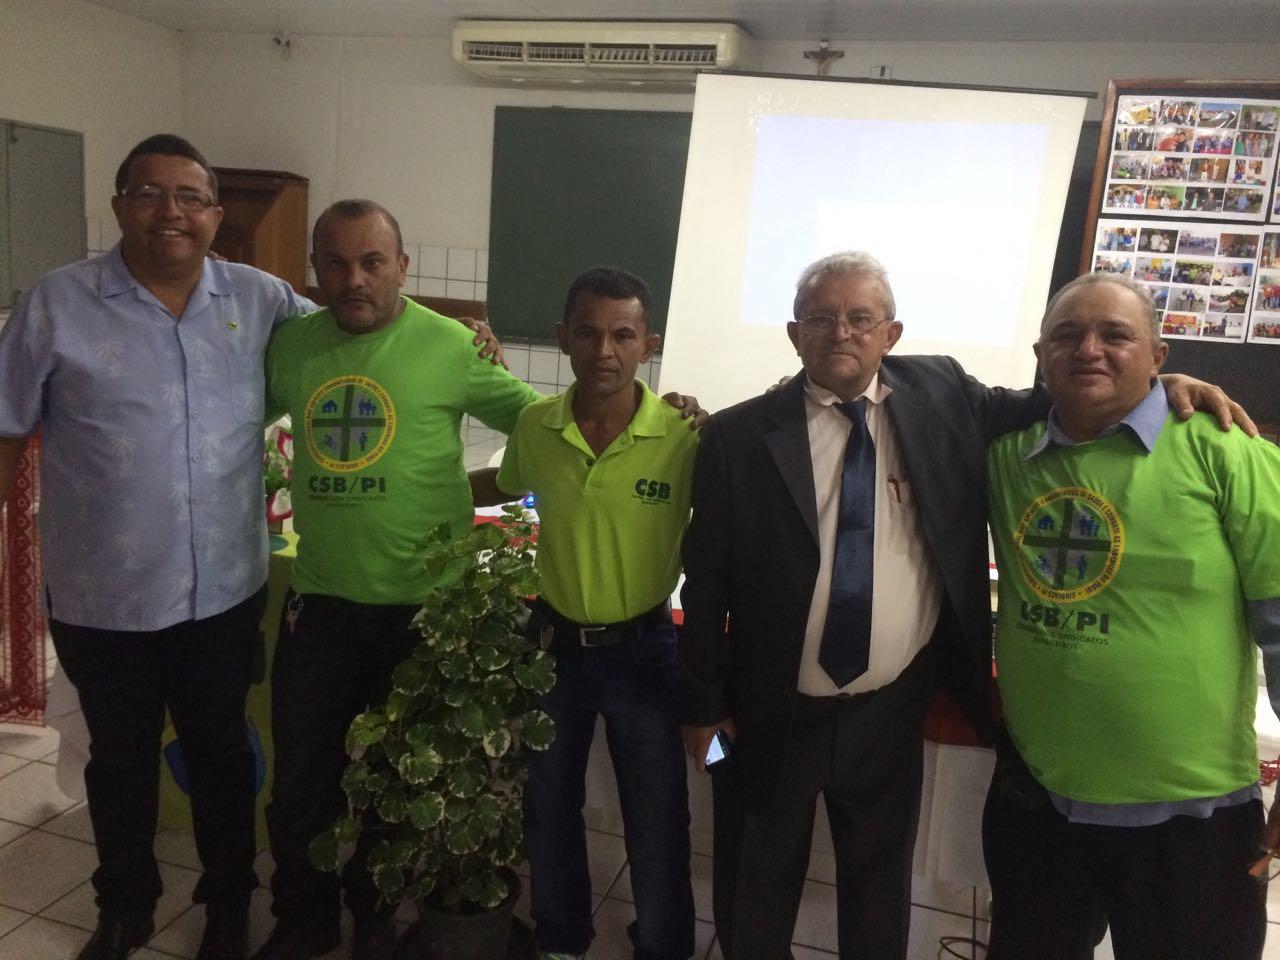 CSB participa do 10º Encontro Estadual dos Agentes de Saúde do Piauí